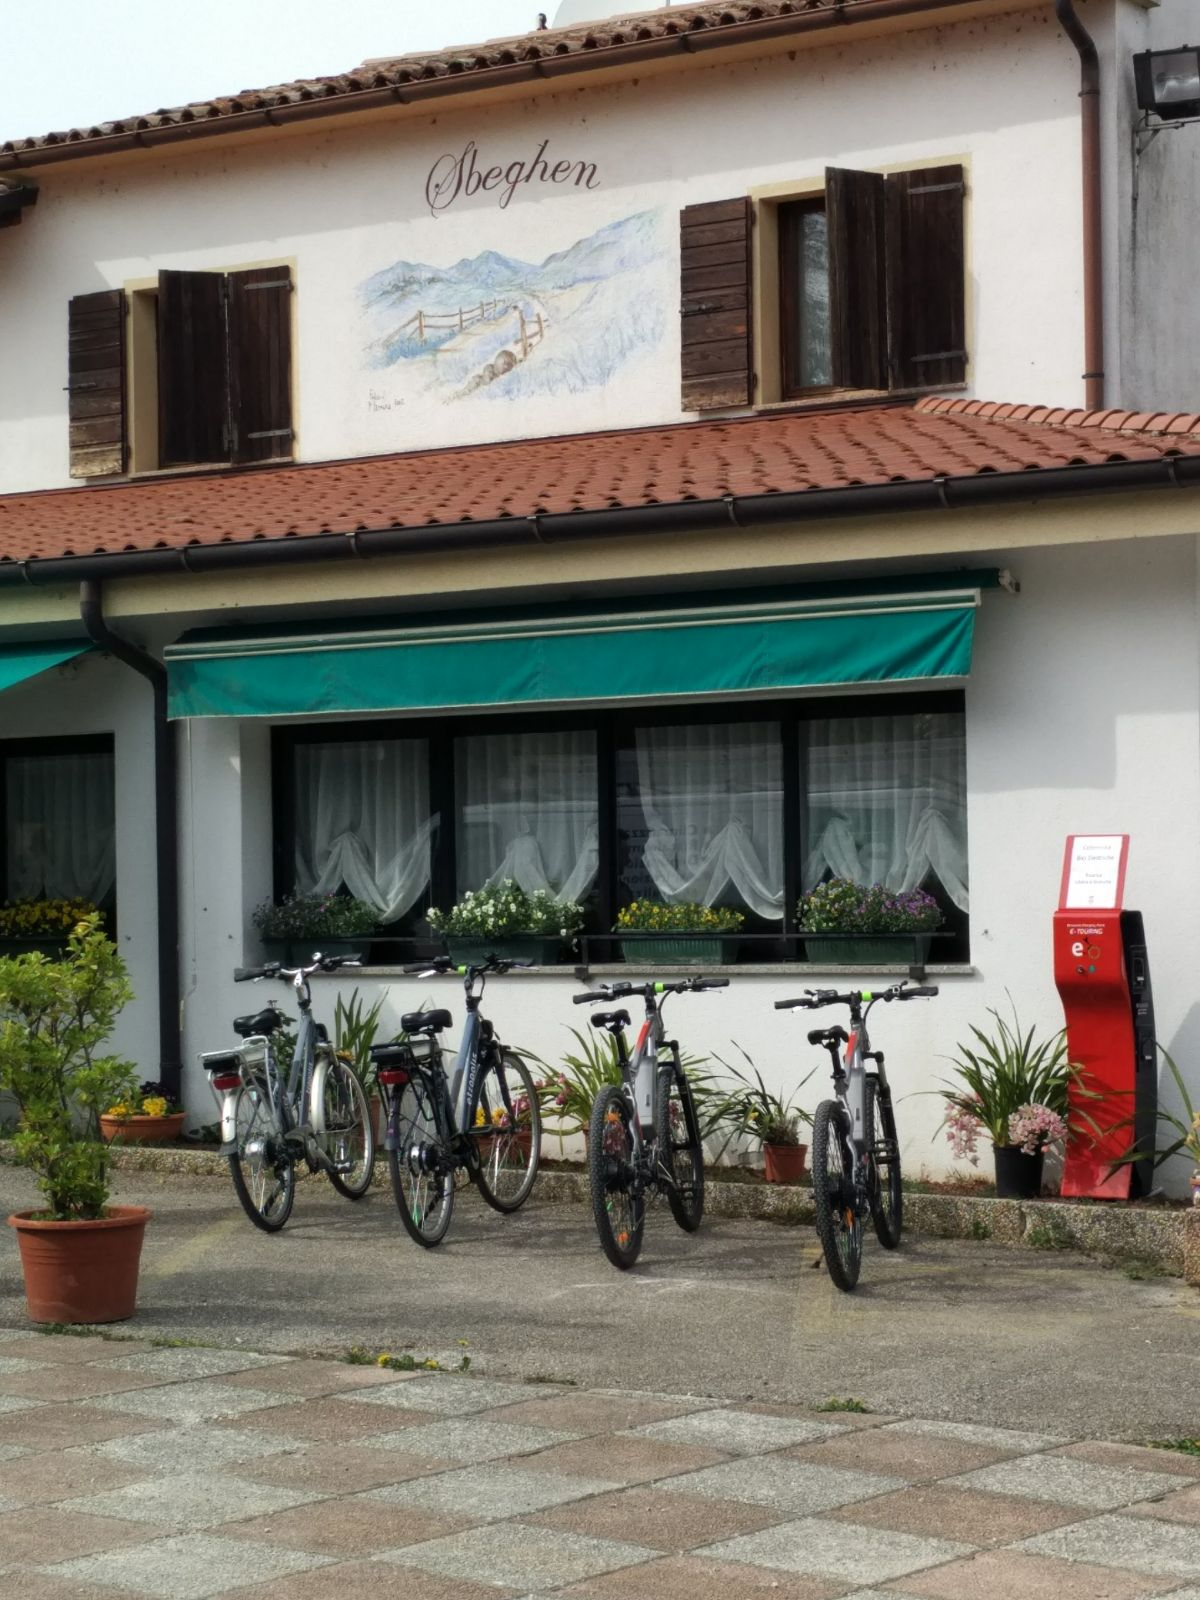 Punto Service,Sbeghen ristorante e-bike